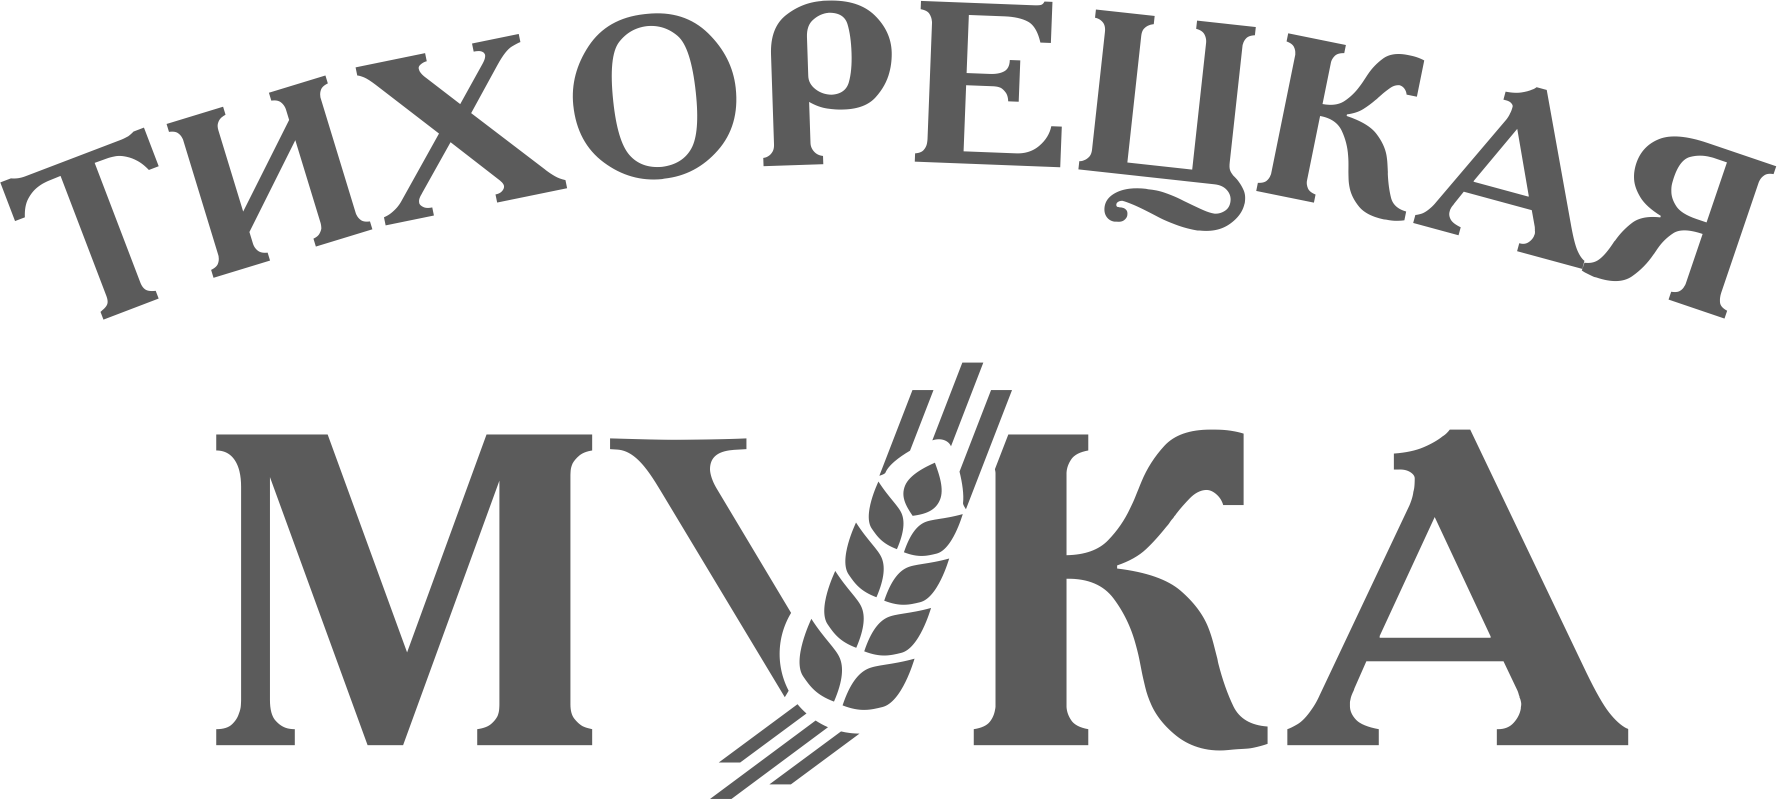 Акционерное общество «Комбинат хлебопродуктов «Тихорецкий», ИНН 2321003663